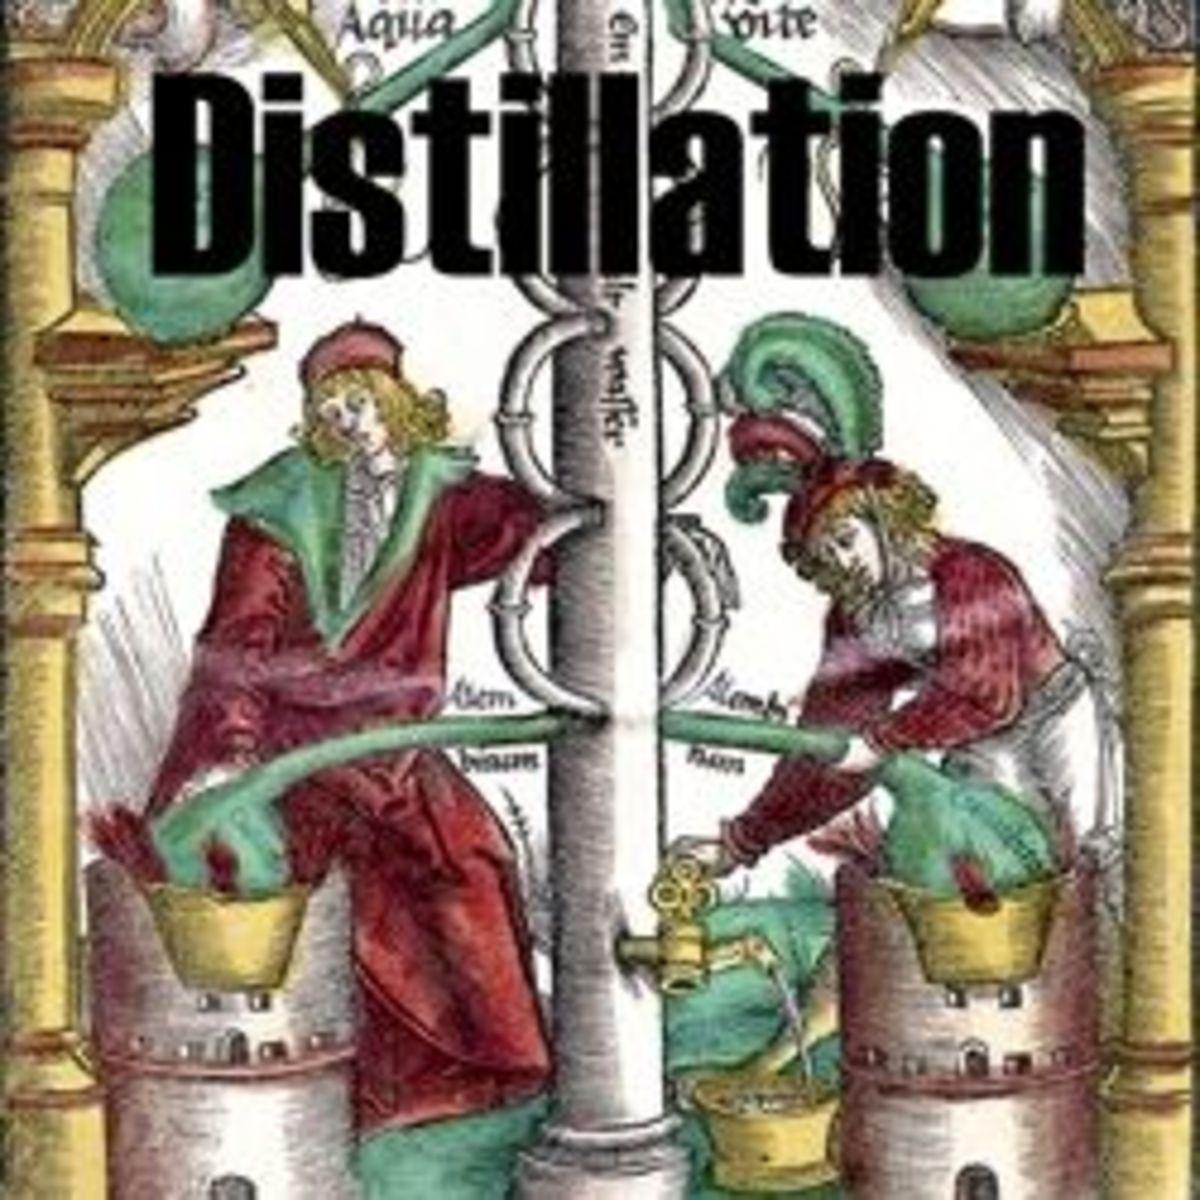 Art of Distillation